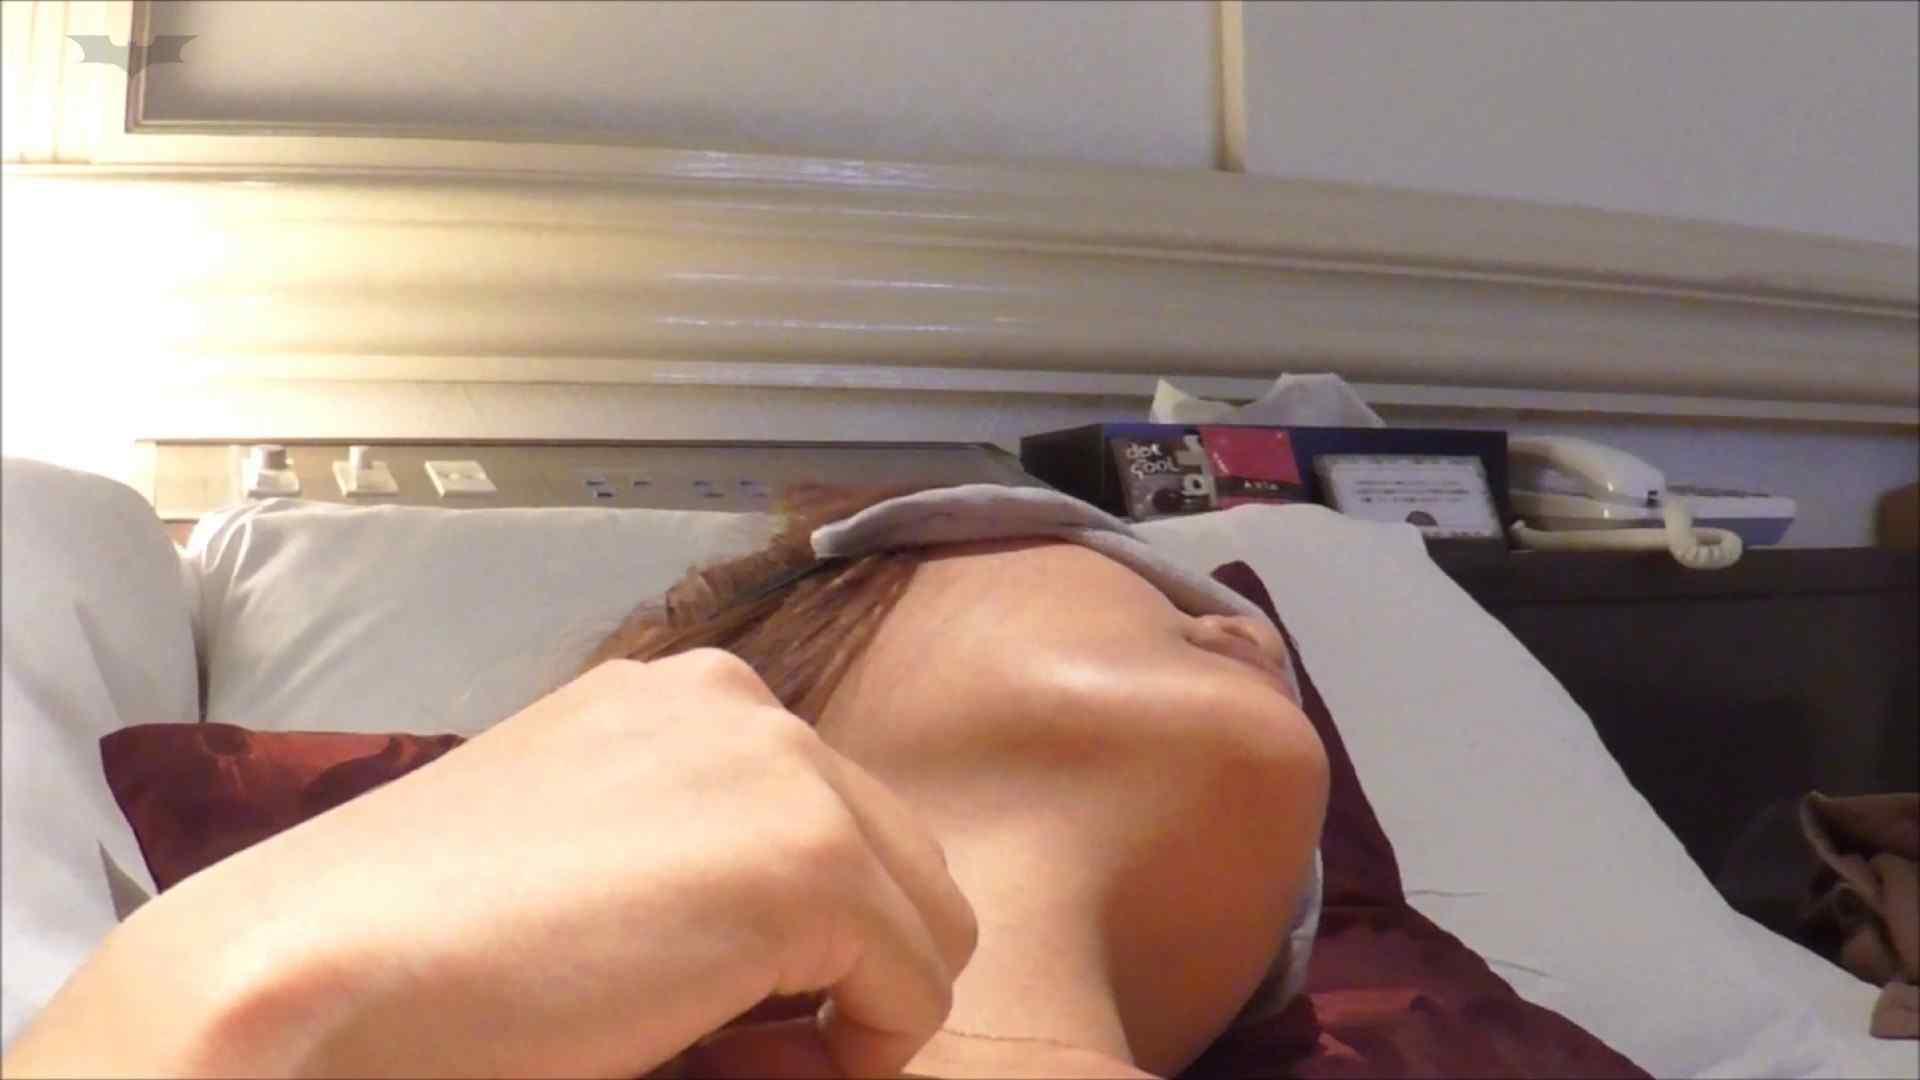 内緒でデリヘル盗撮 Vol.03中編 美肌、美人のデリ嬢にいよいよ挿入! 盗撮  102PIX 47